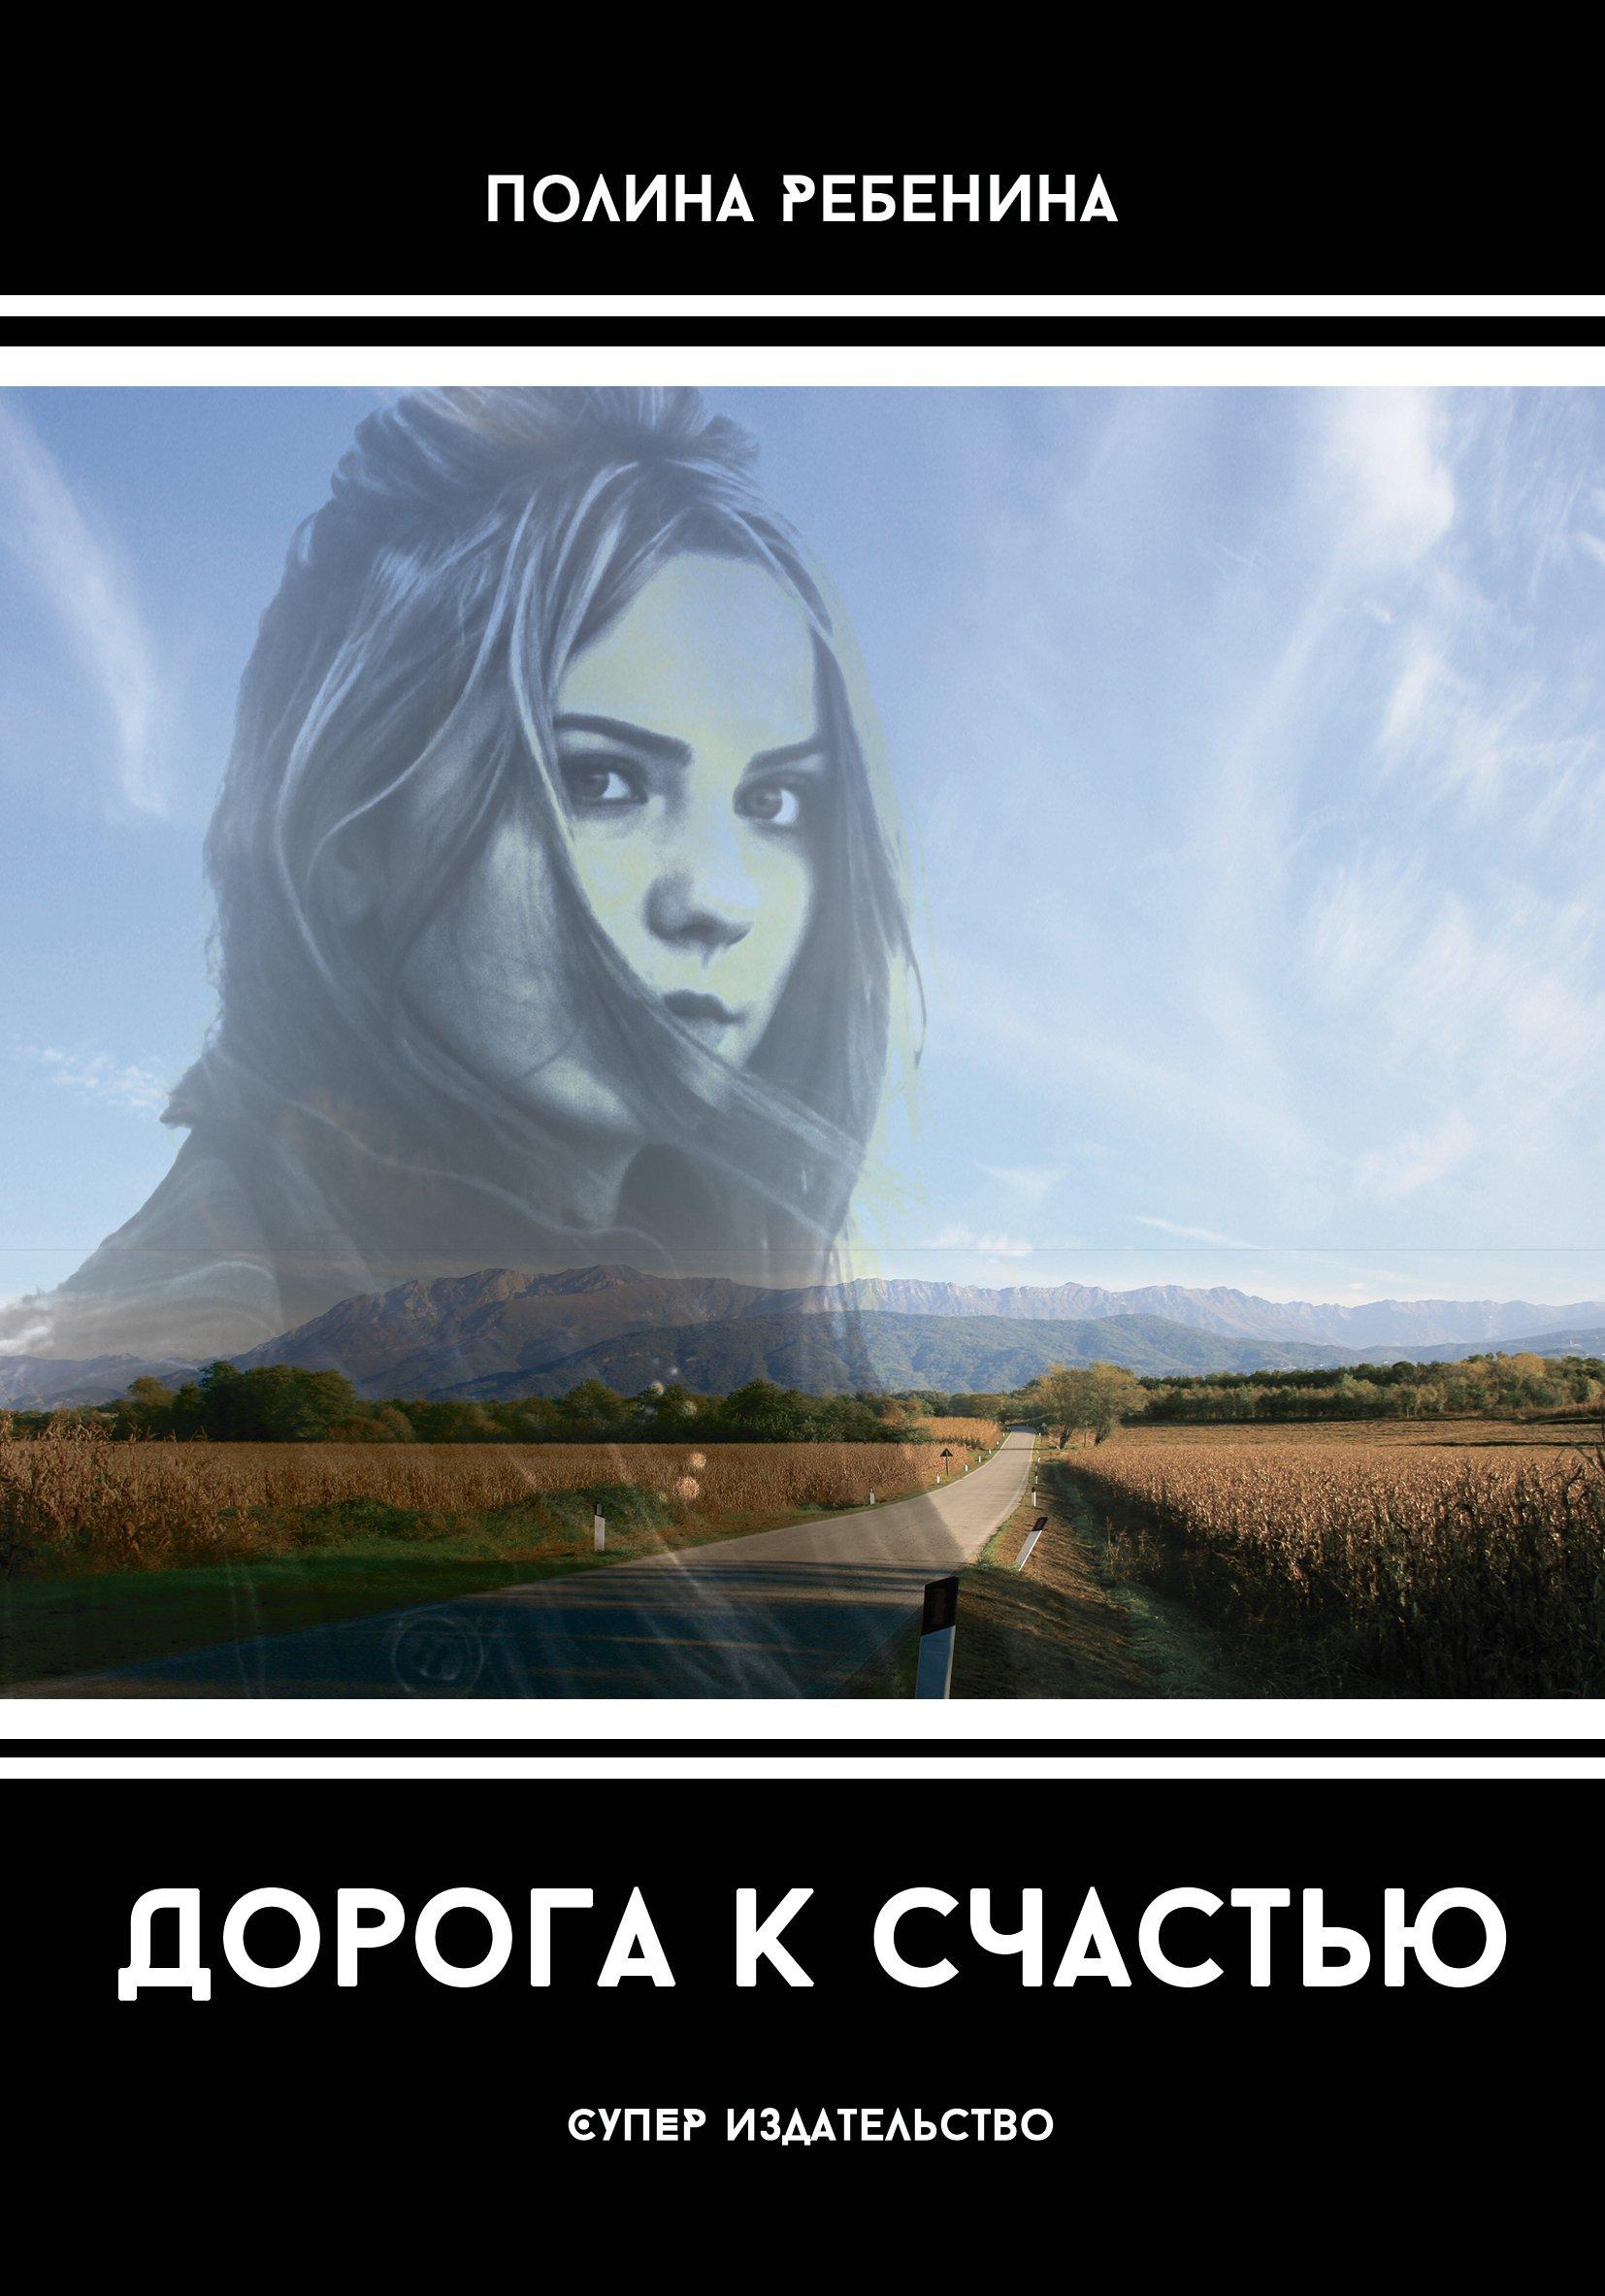 Полина Ребенина Дорога к счастью (сборник) юлия петухова дорога к счастью